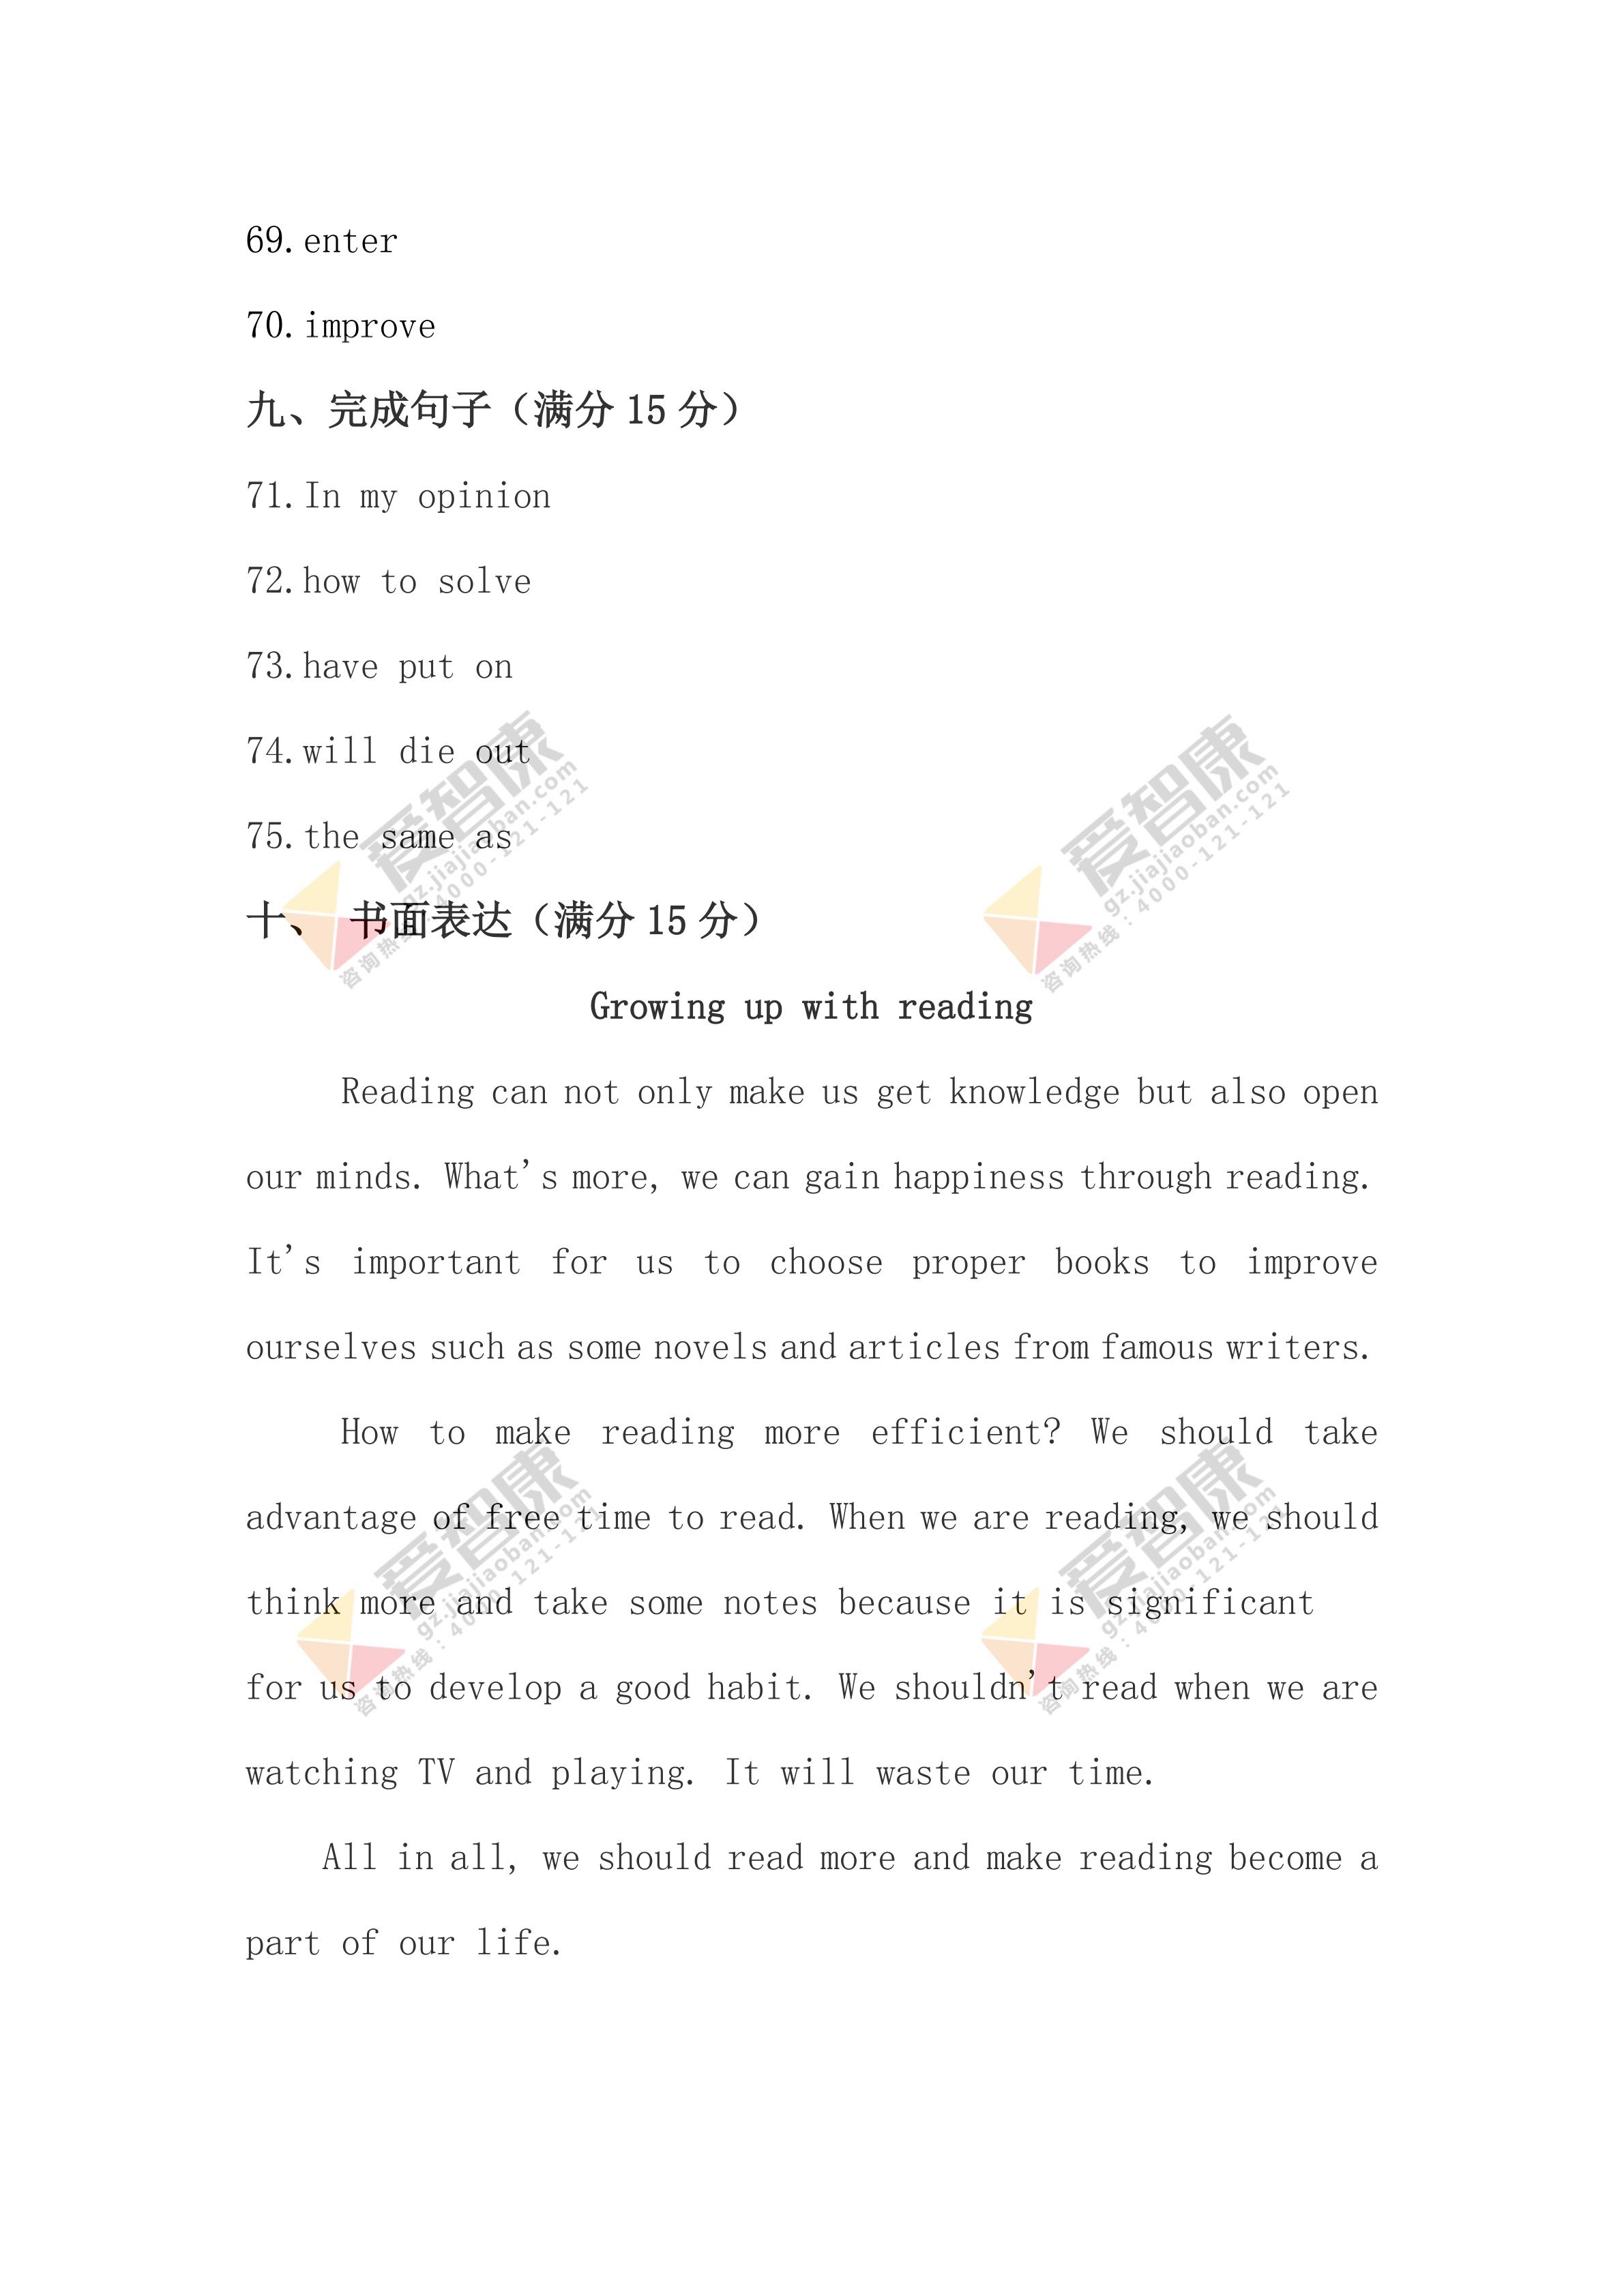 2018-2019广州越秀区初二上期末英语答案_01.png